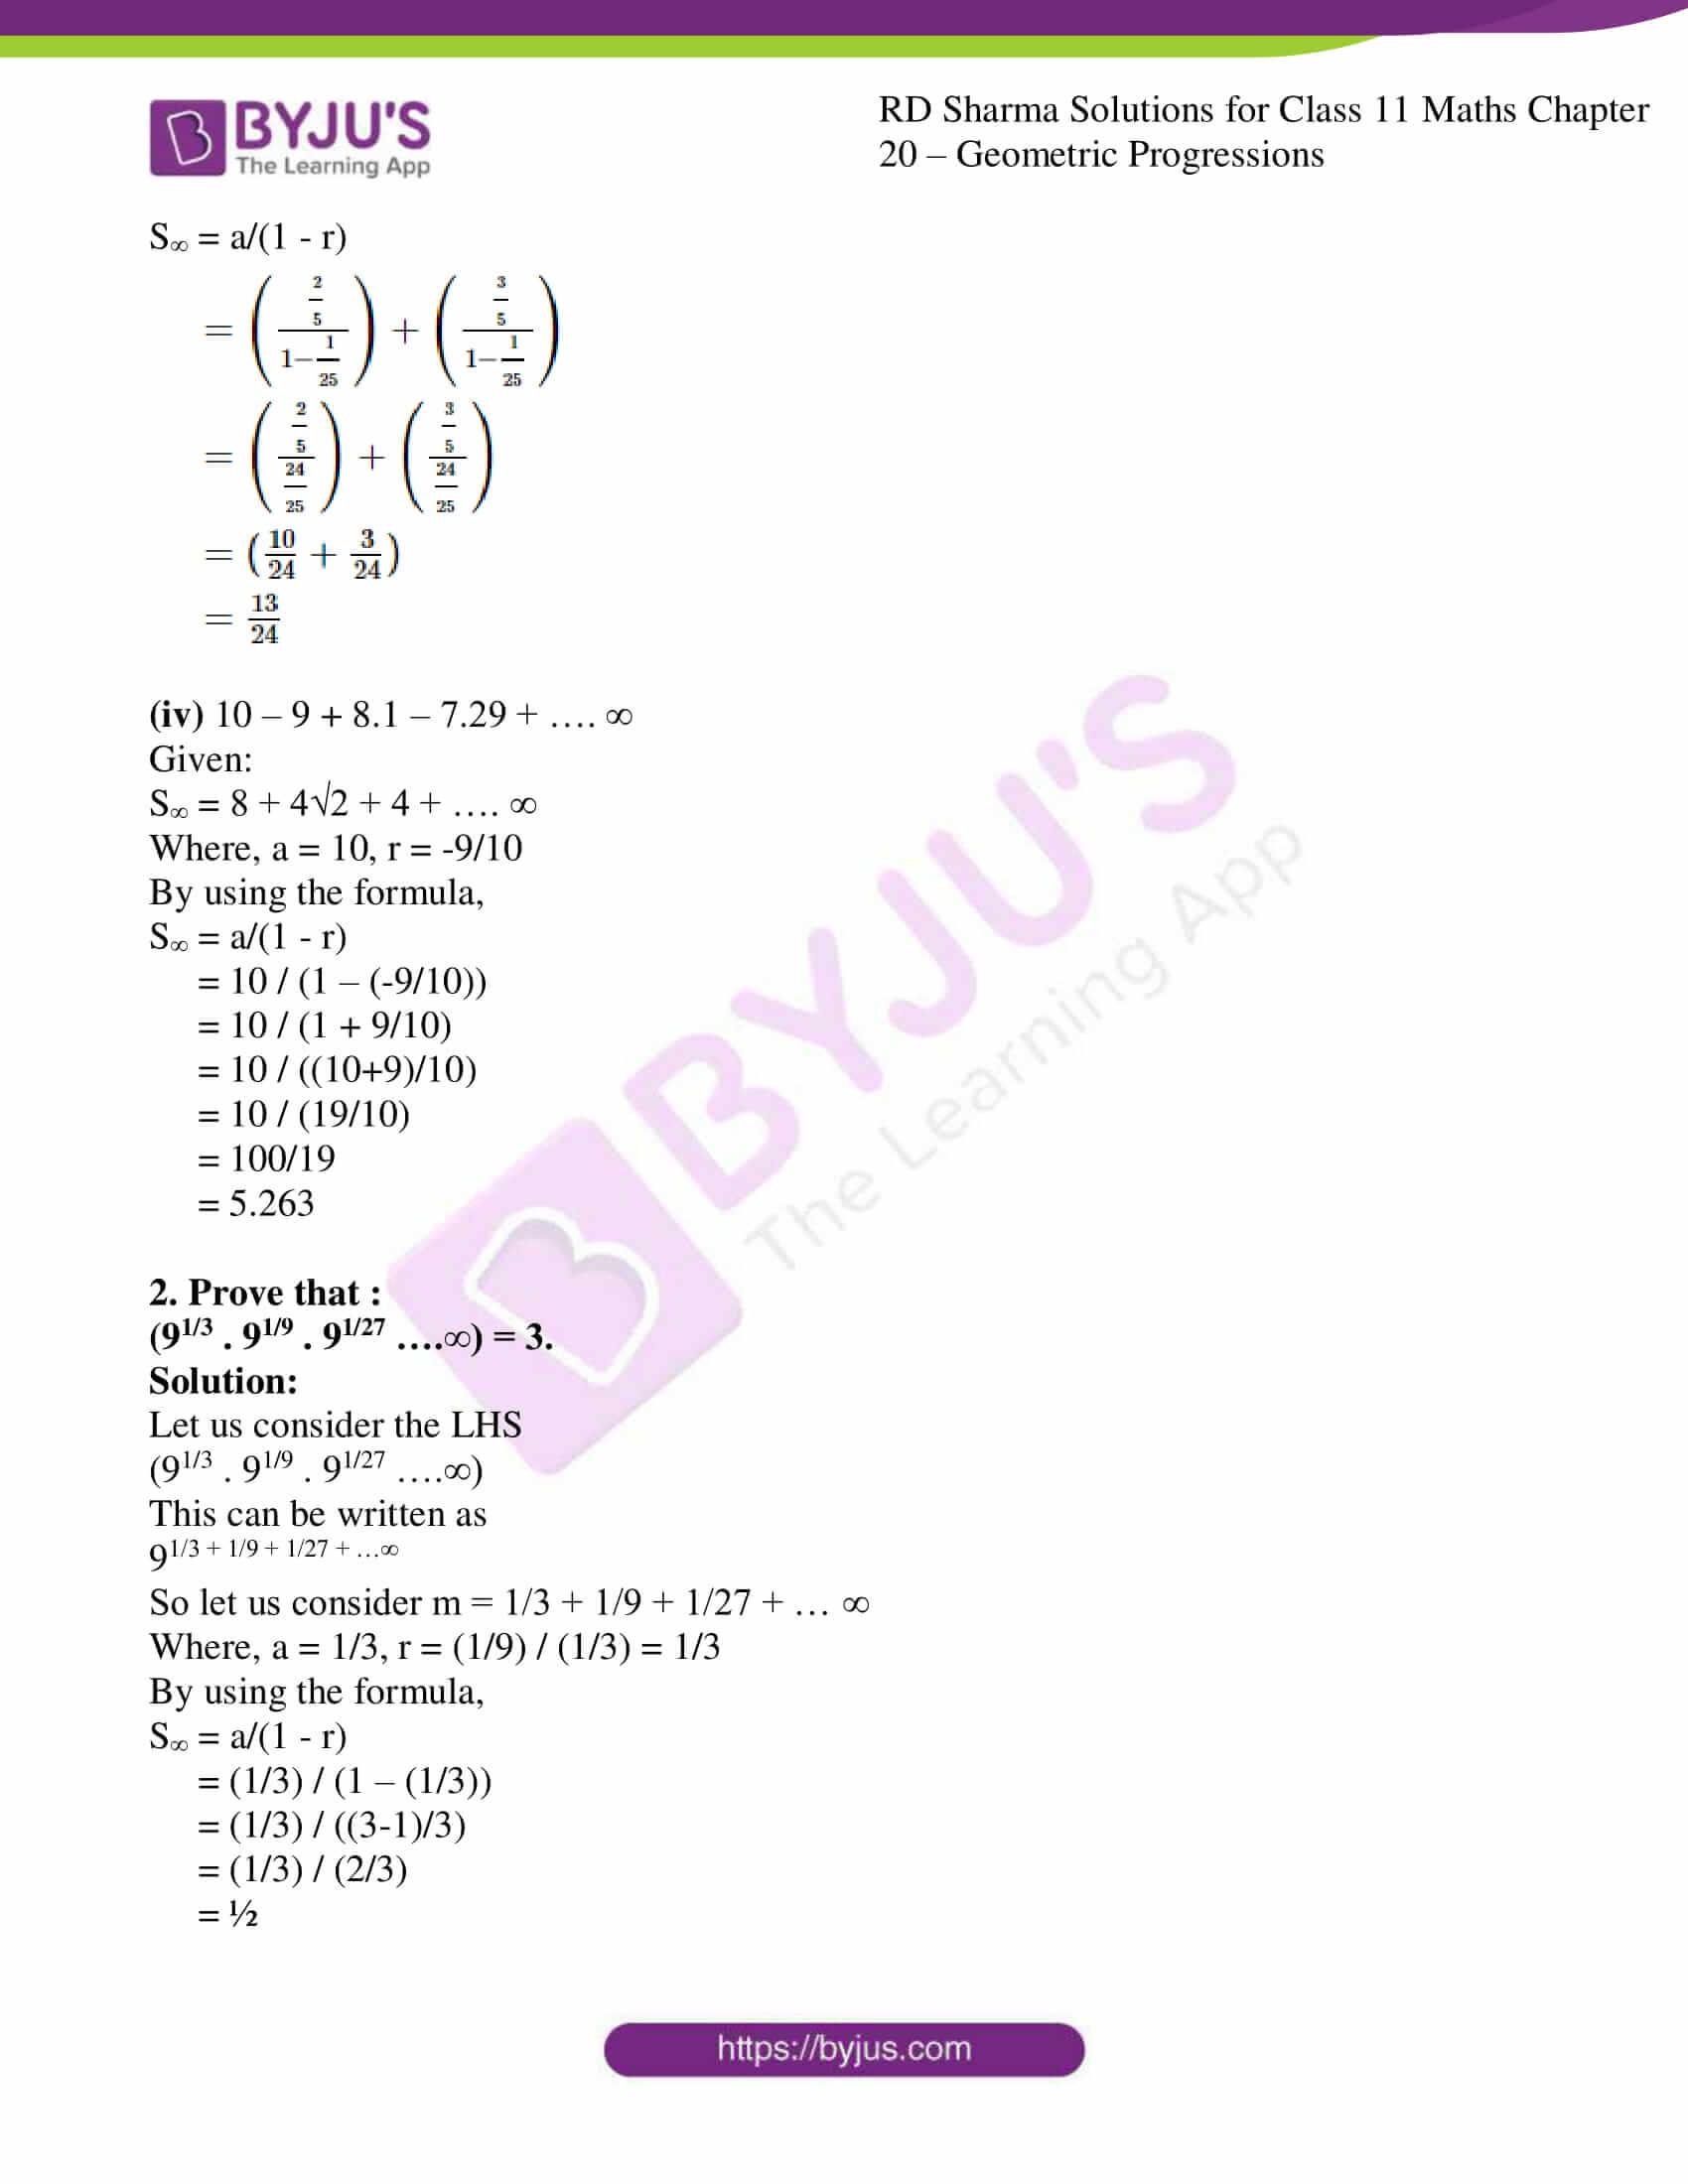 rd sharma class 11 maths ch 20 geometric progressions ex 4 2